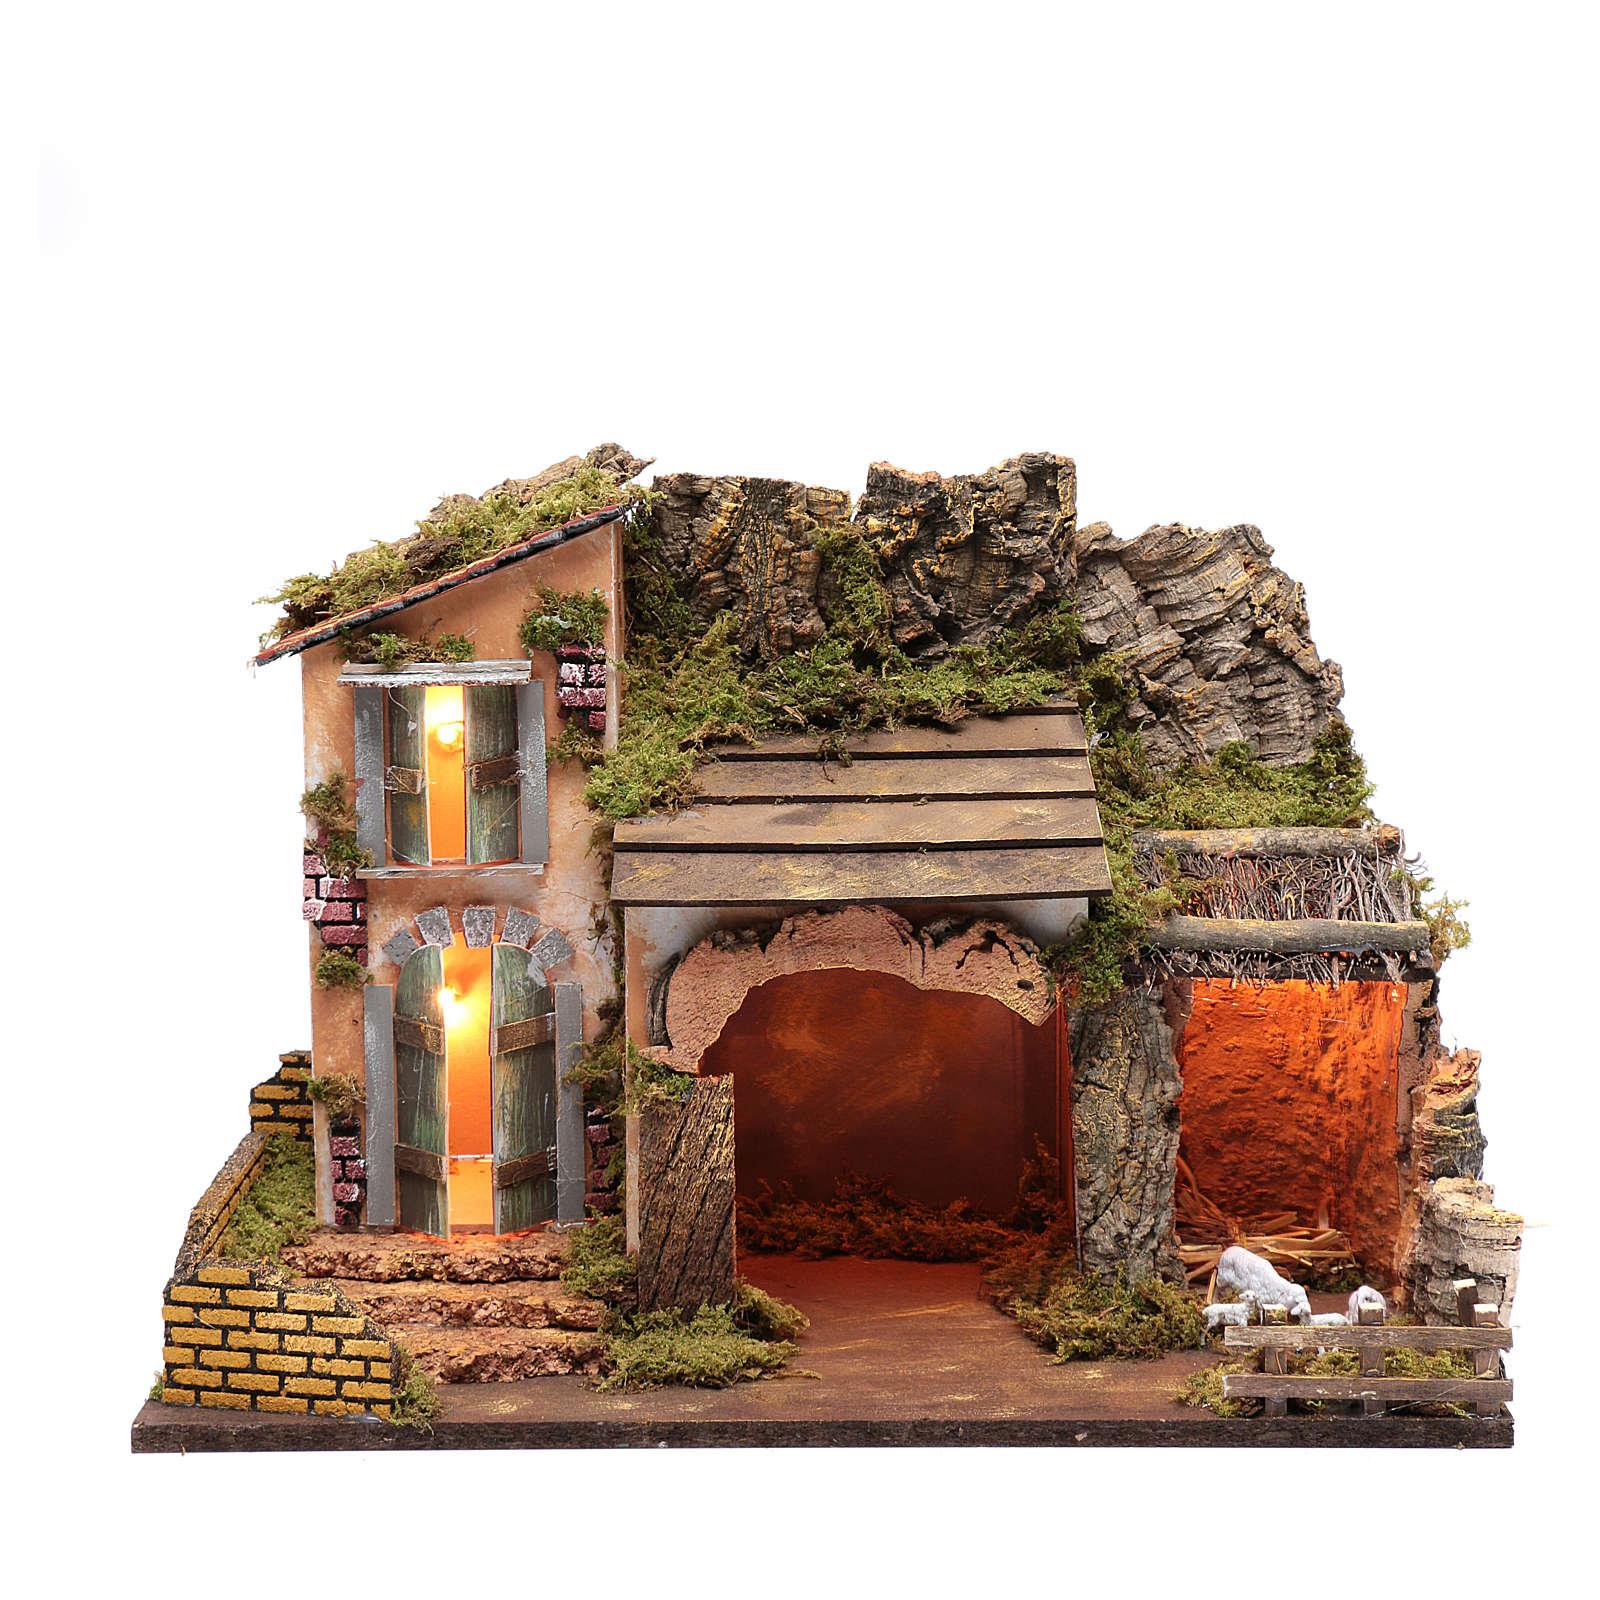 Décor maison avec cabane et enclos 36x50x26 cm 4